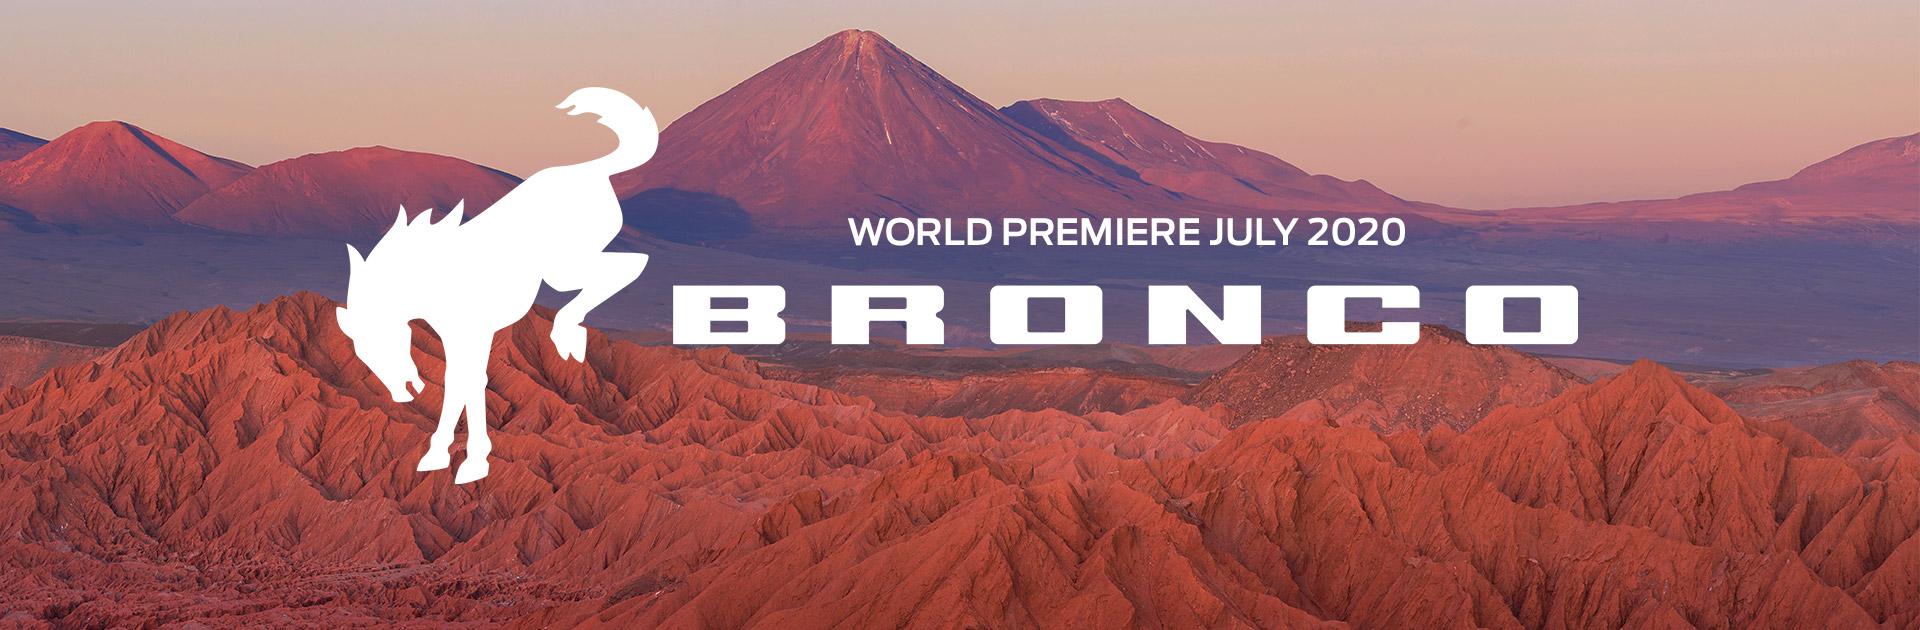 Bronco World Premiere